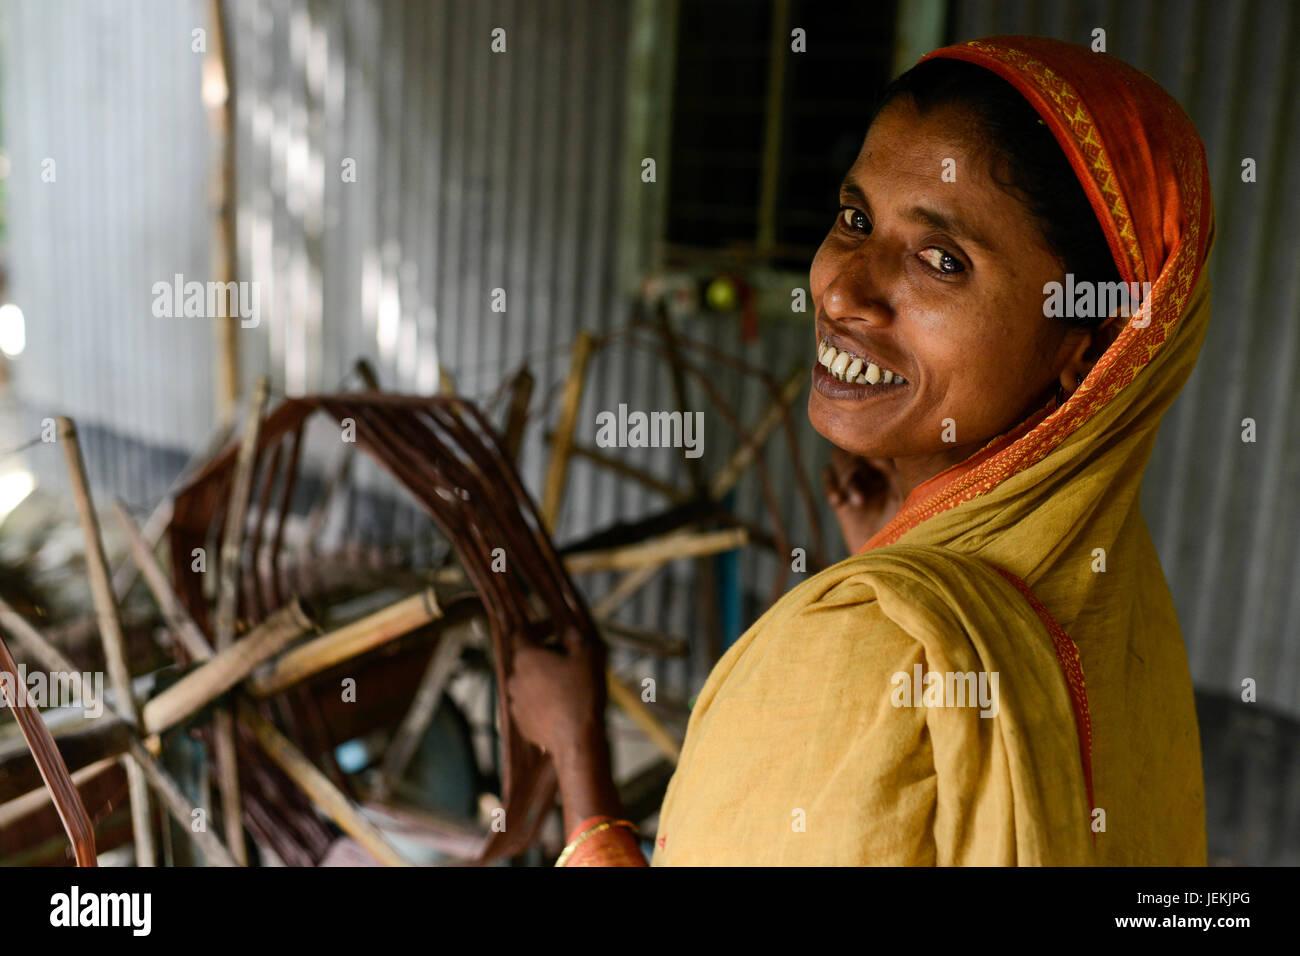 BANGLADESH, District Tangail, Kalihati, village Southpara, cottage industry, woman working at spinning machine - Stock Image